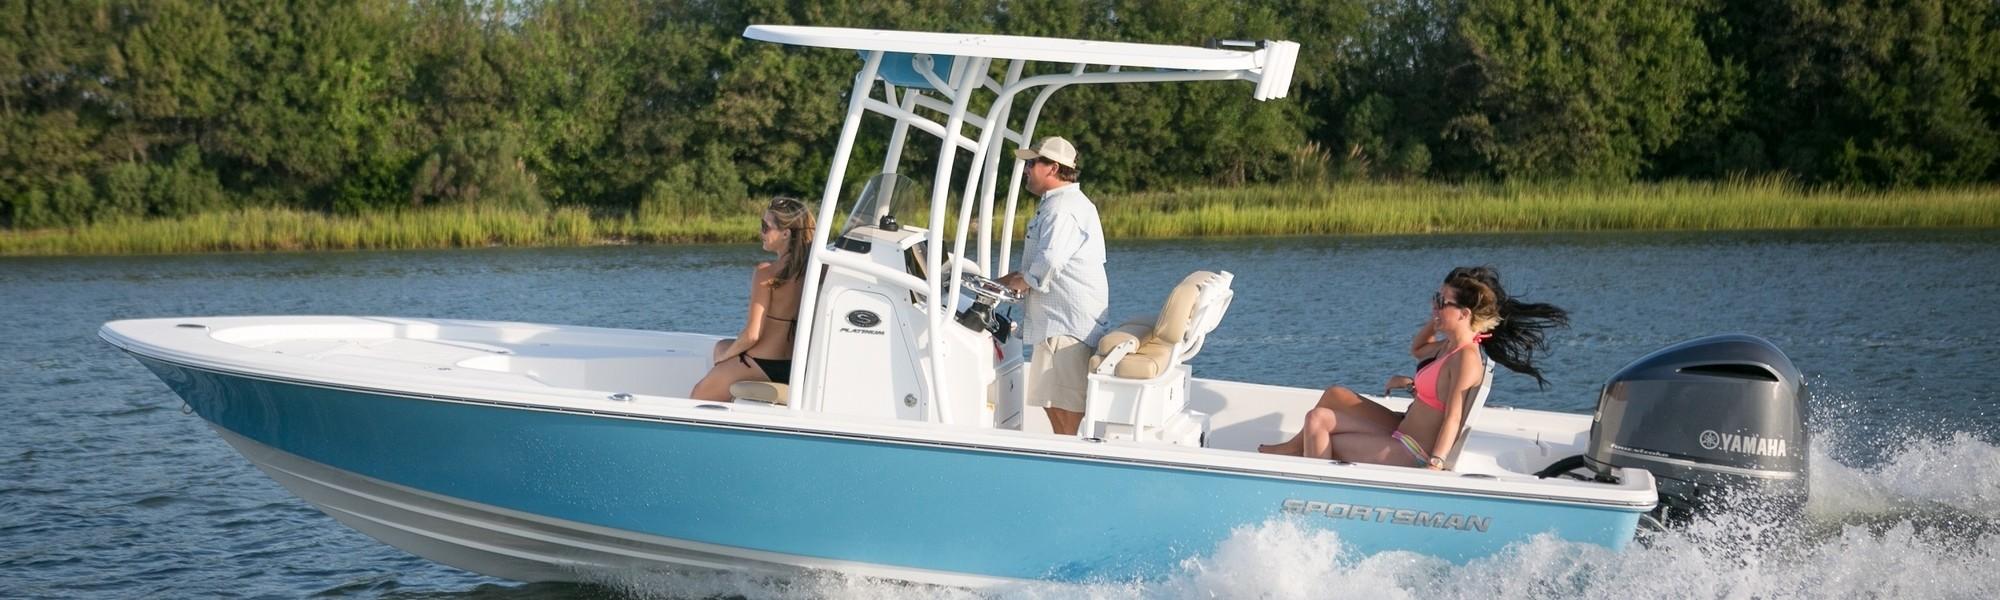 Sportsmans Boat 247